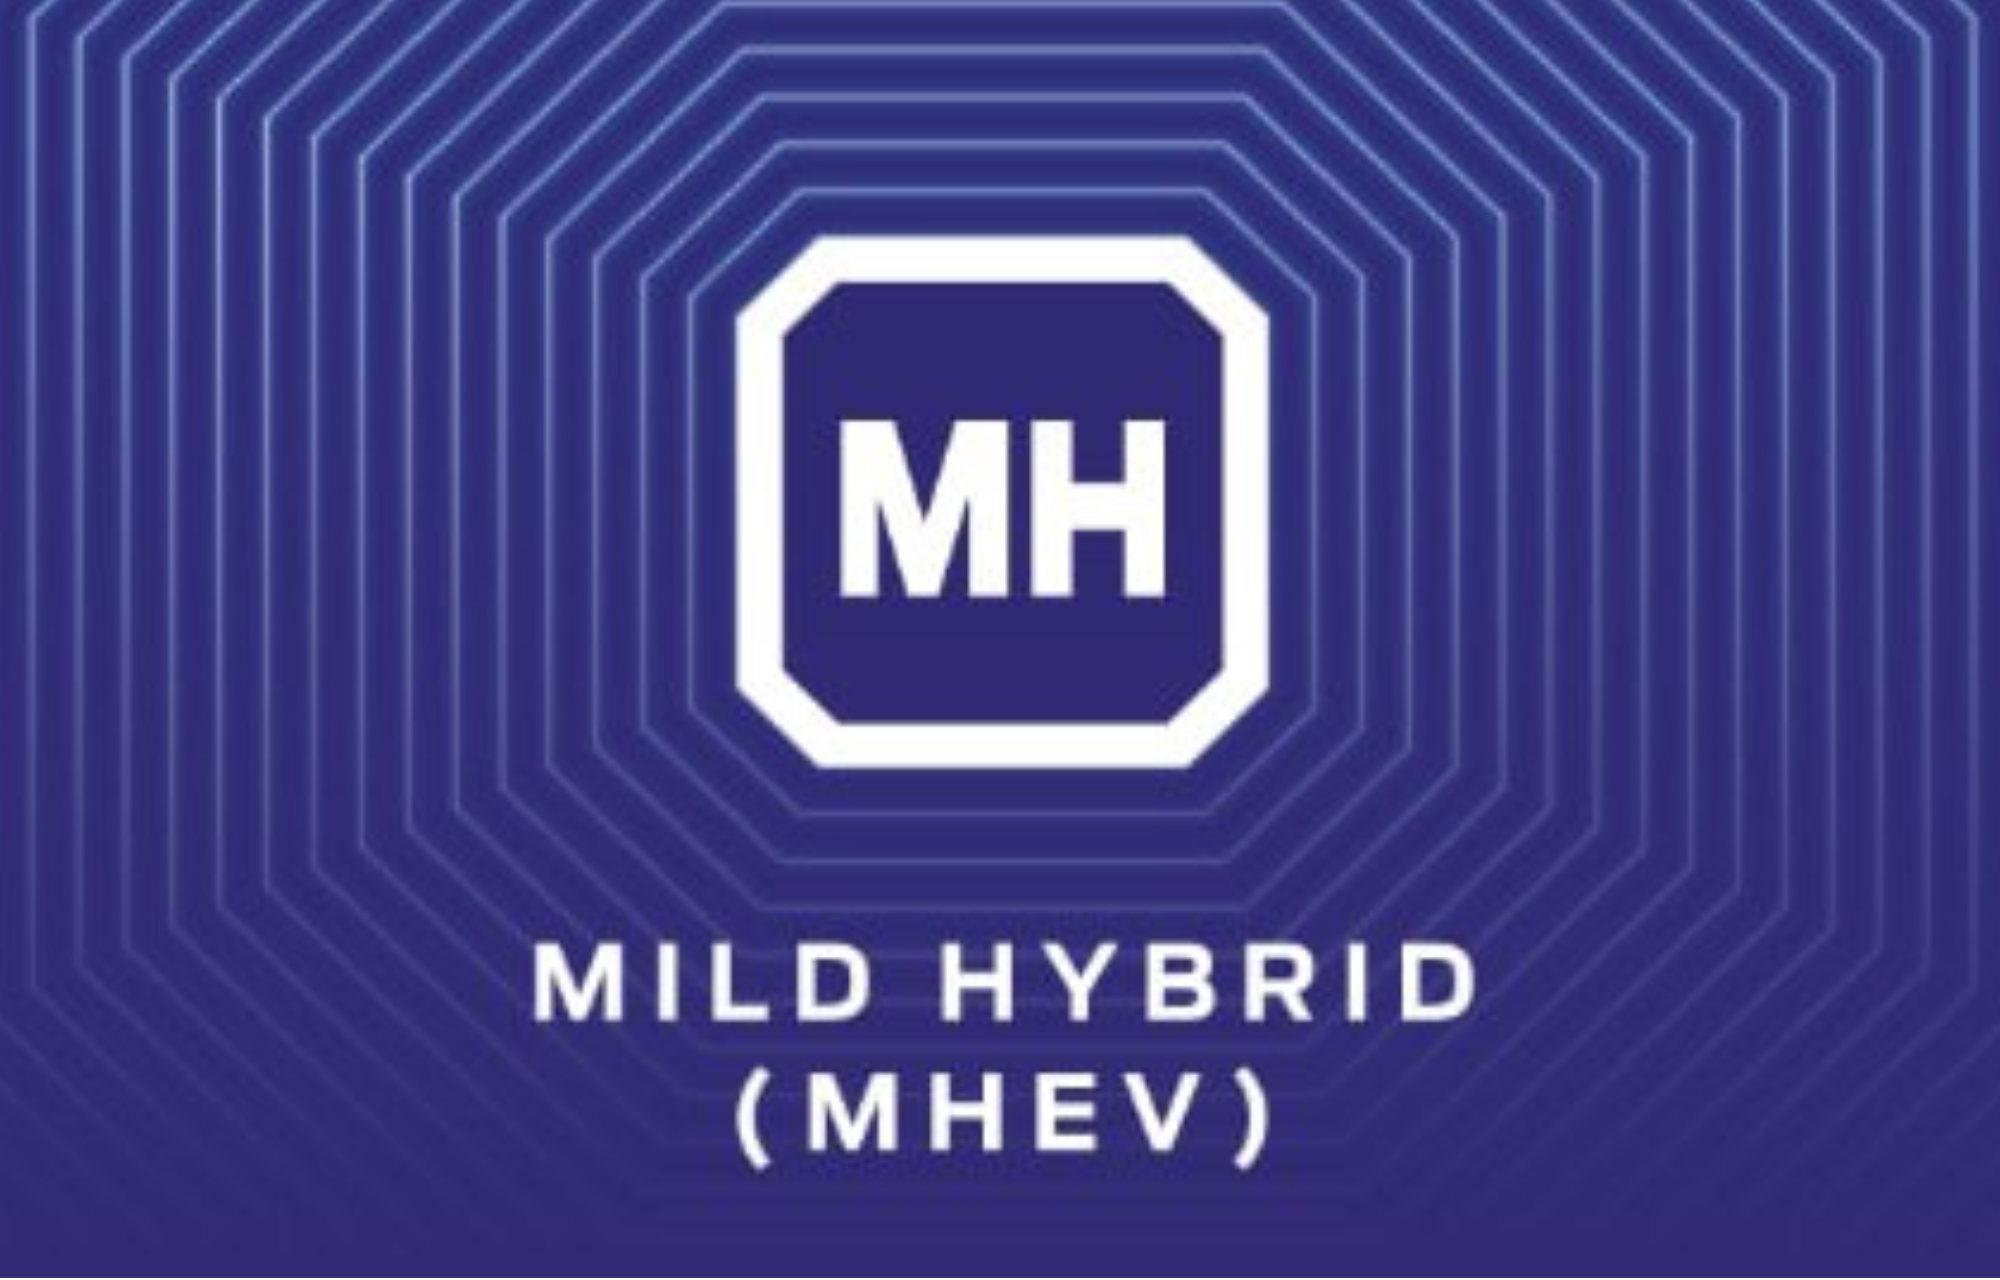 Mild Hybrid (MHEV)